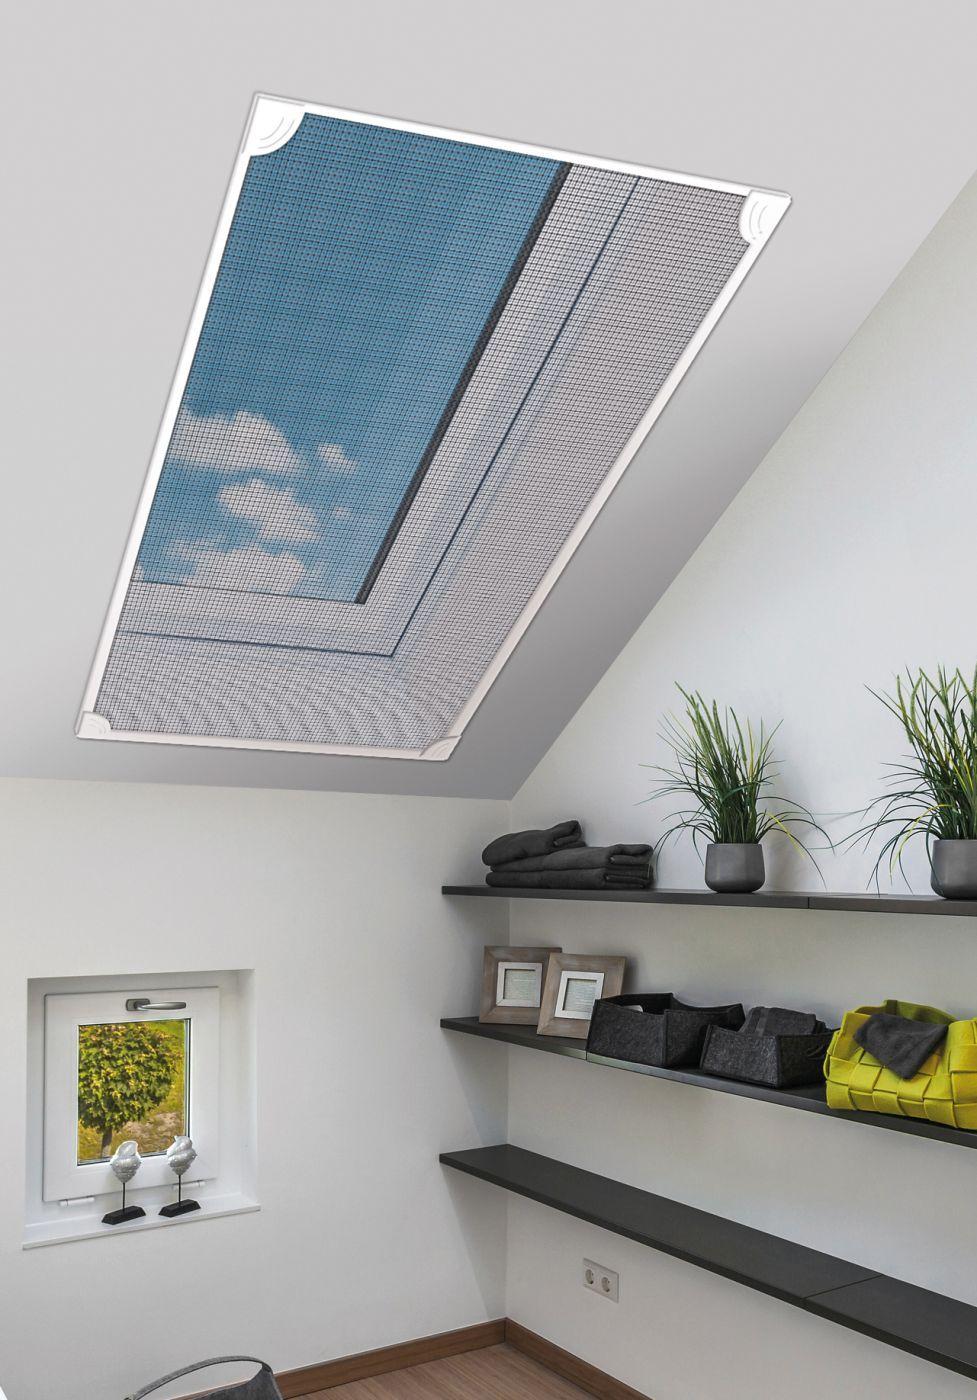 schellenberg magnetisches dachfenster-fliegengitter | insektenschutz